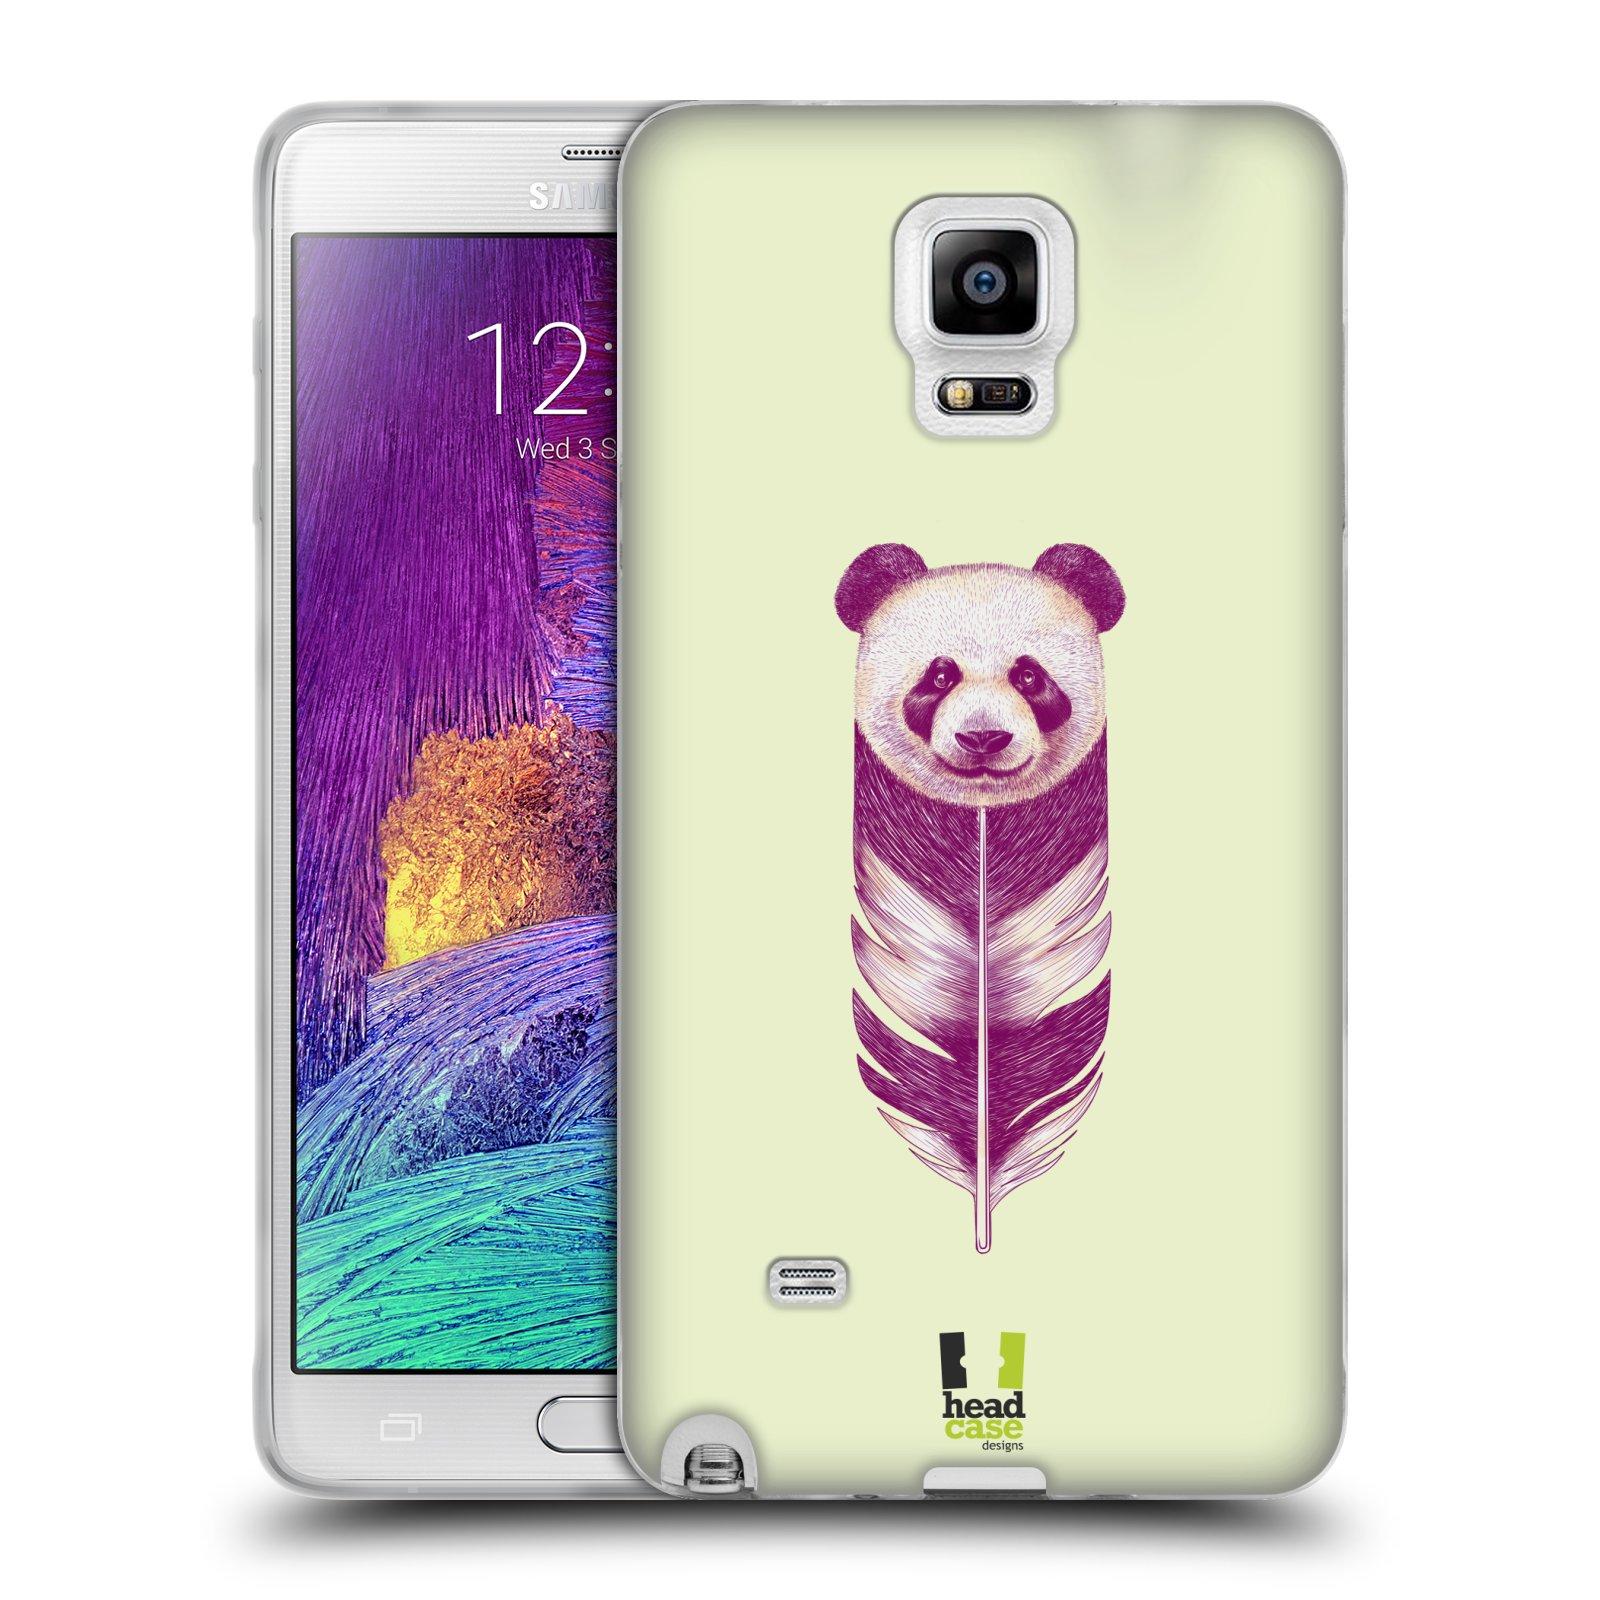 Silikonové pouzdro na mobil Samsung Galaxy Note 4 HEAD CASE PÍRKO PANDA (Silikonový kryt či obal na mobilní telefon Samsung Galaxy Note 4 SM-N910F)